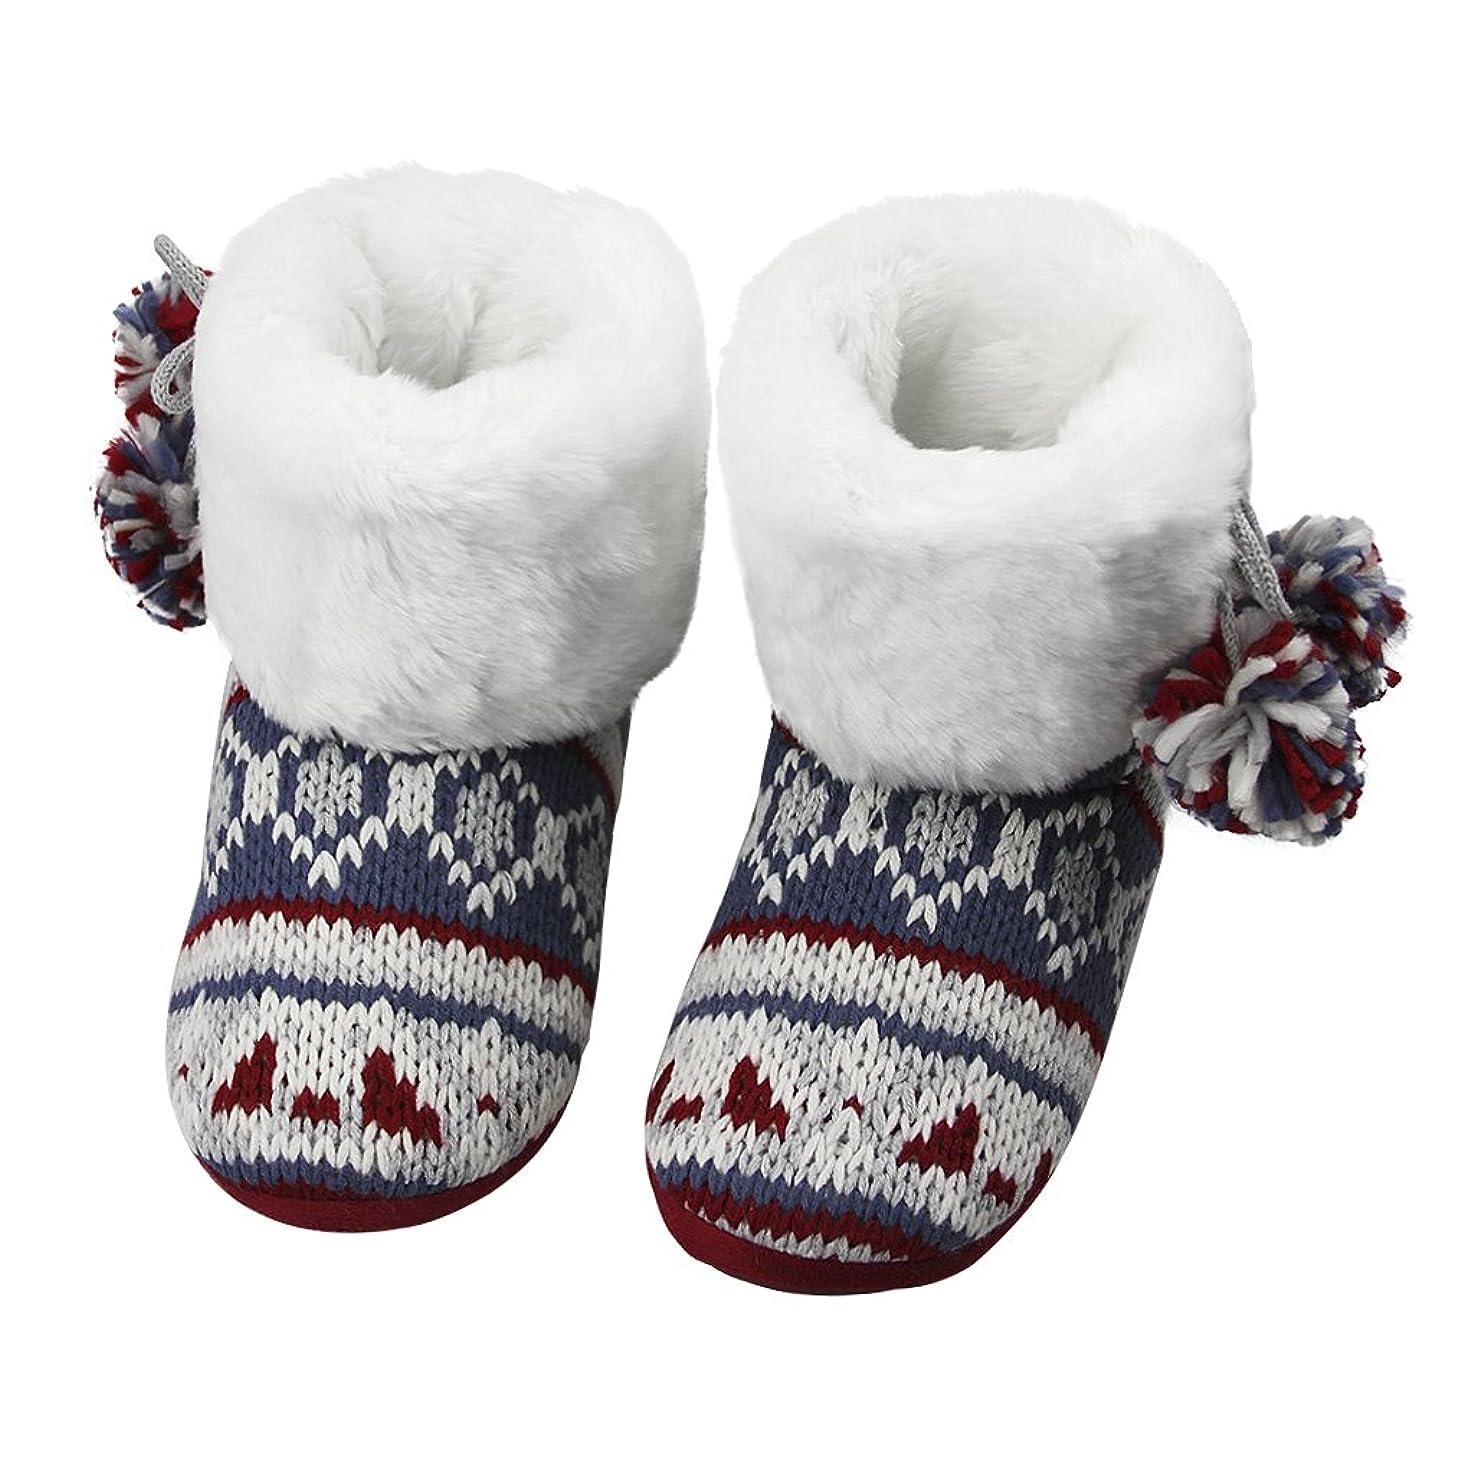 ゲートウェイ一般的にオープナールームシューズ ロングタイプ ルームブーツ 厚型 ボア生地 ふわふわ もこもこ レディーズ 女の子 スリッパ 保温コットン靴 ニット物 クラシック スコットランド風 冬物 おしゃれ 滑り止め 静かな足音 軽量 ファッション小物 おすすめ